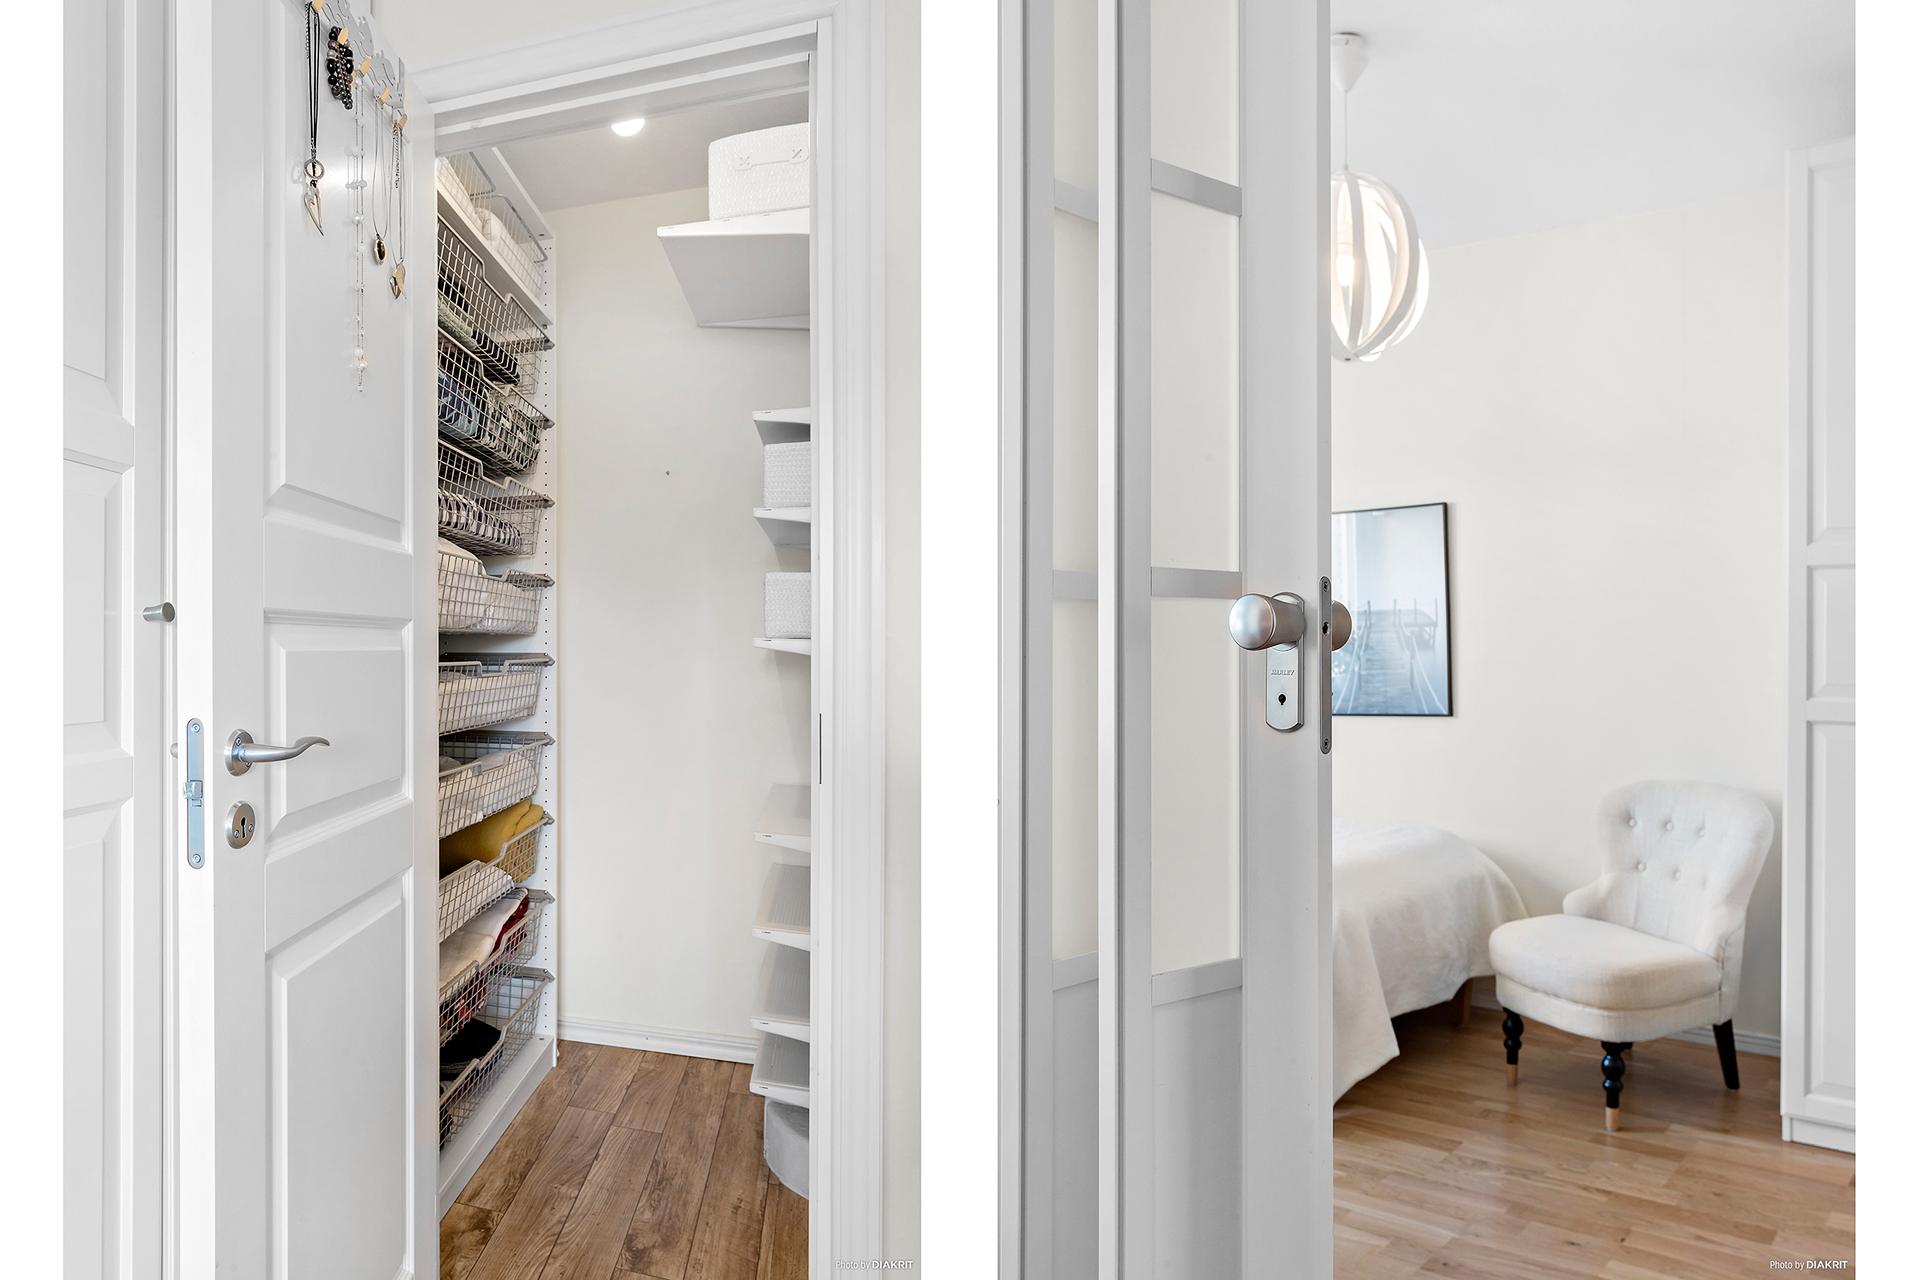 I sovrum 1 finns 3 garderober samt en klädkammare